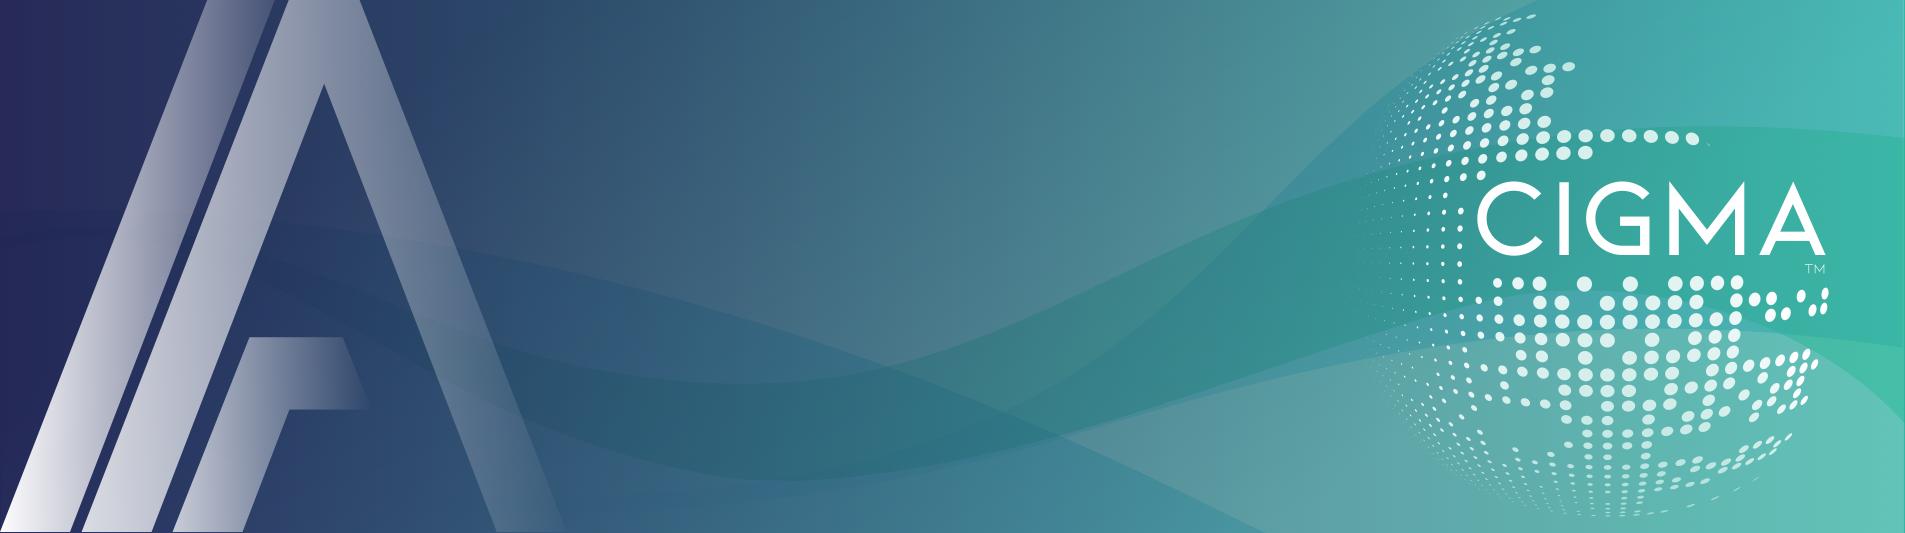 Cigma Web Banner